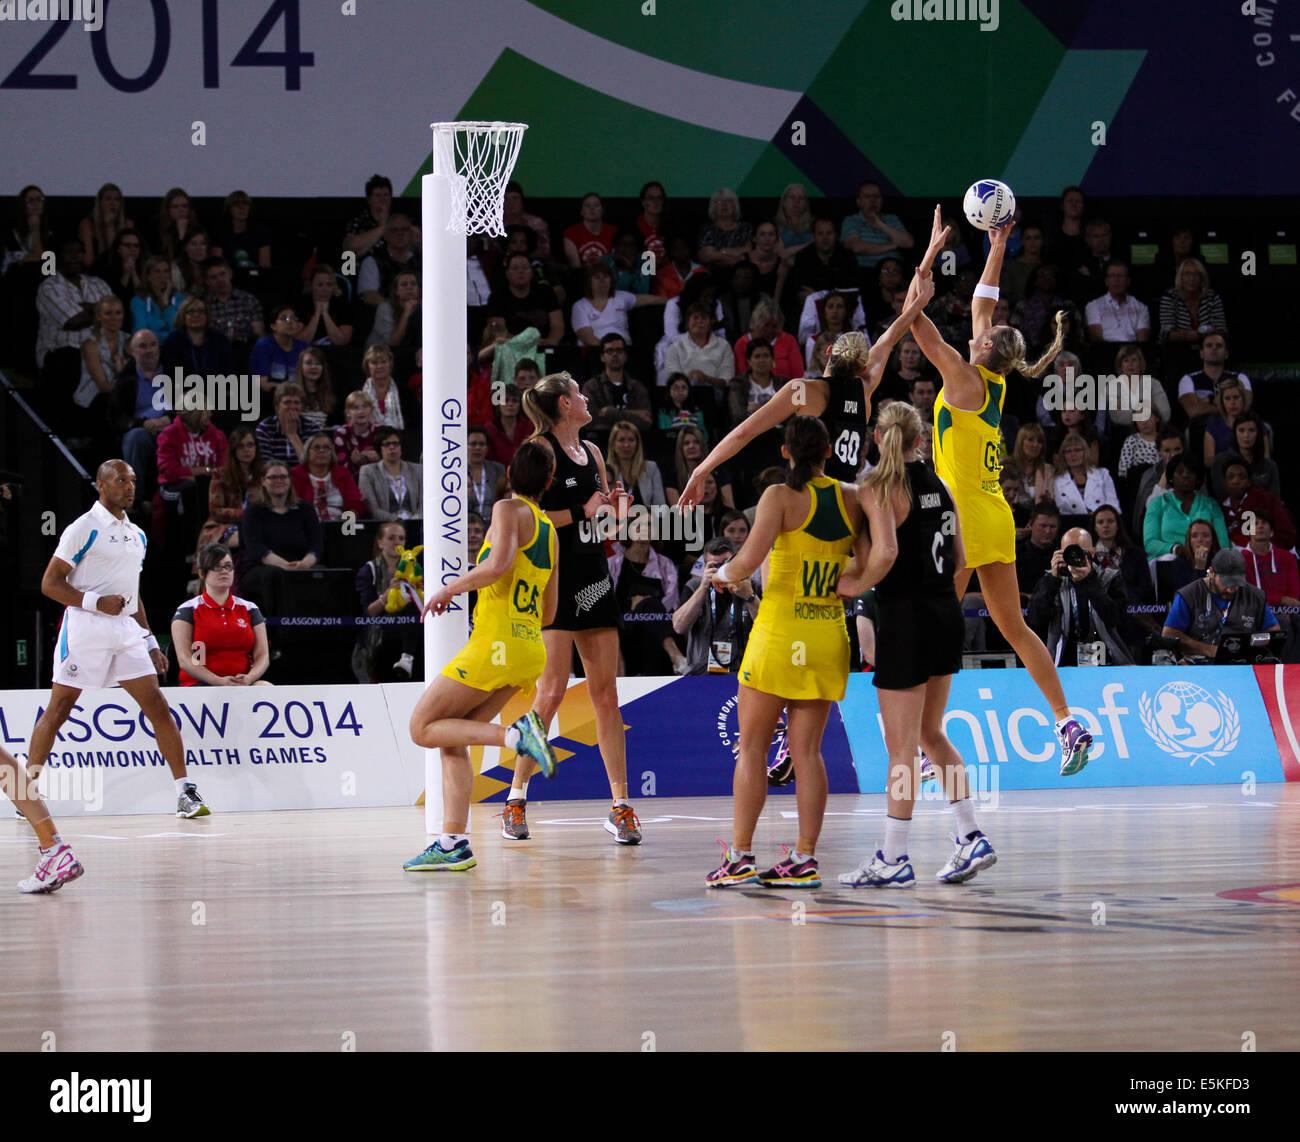 SSE Idro Glasgow Scotland 3 agosto 2014. Giochi del Commonwealth Glasgow il giorno 11. Netball Aus finale v NZL. Immagini Stock